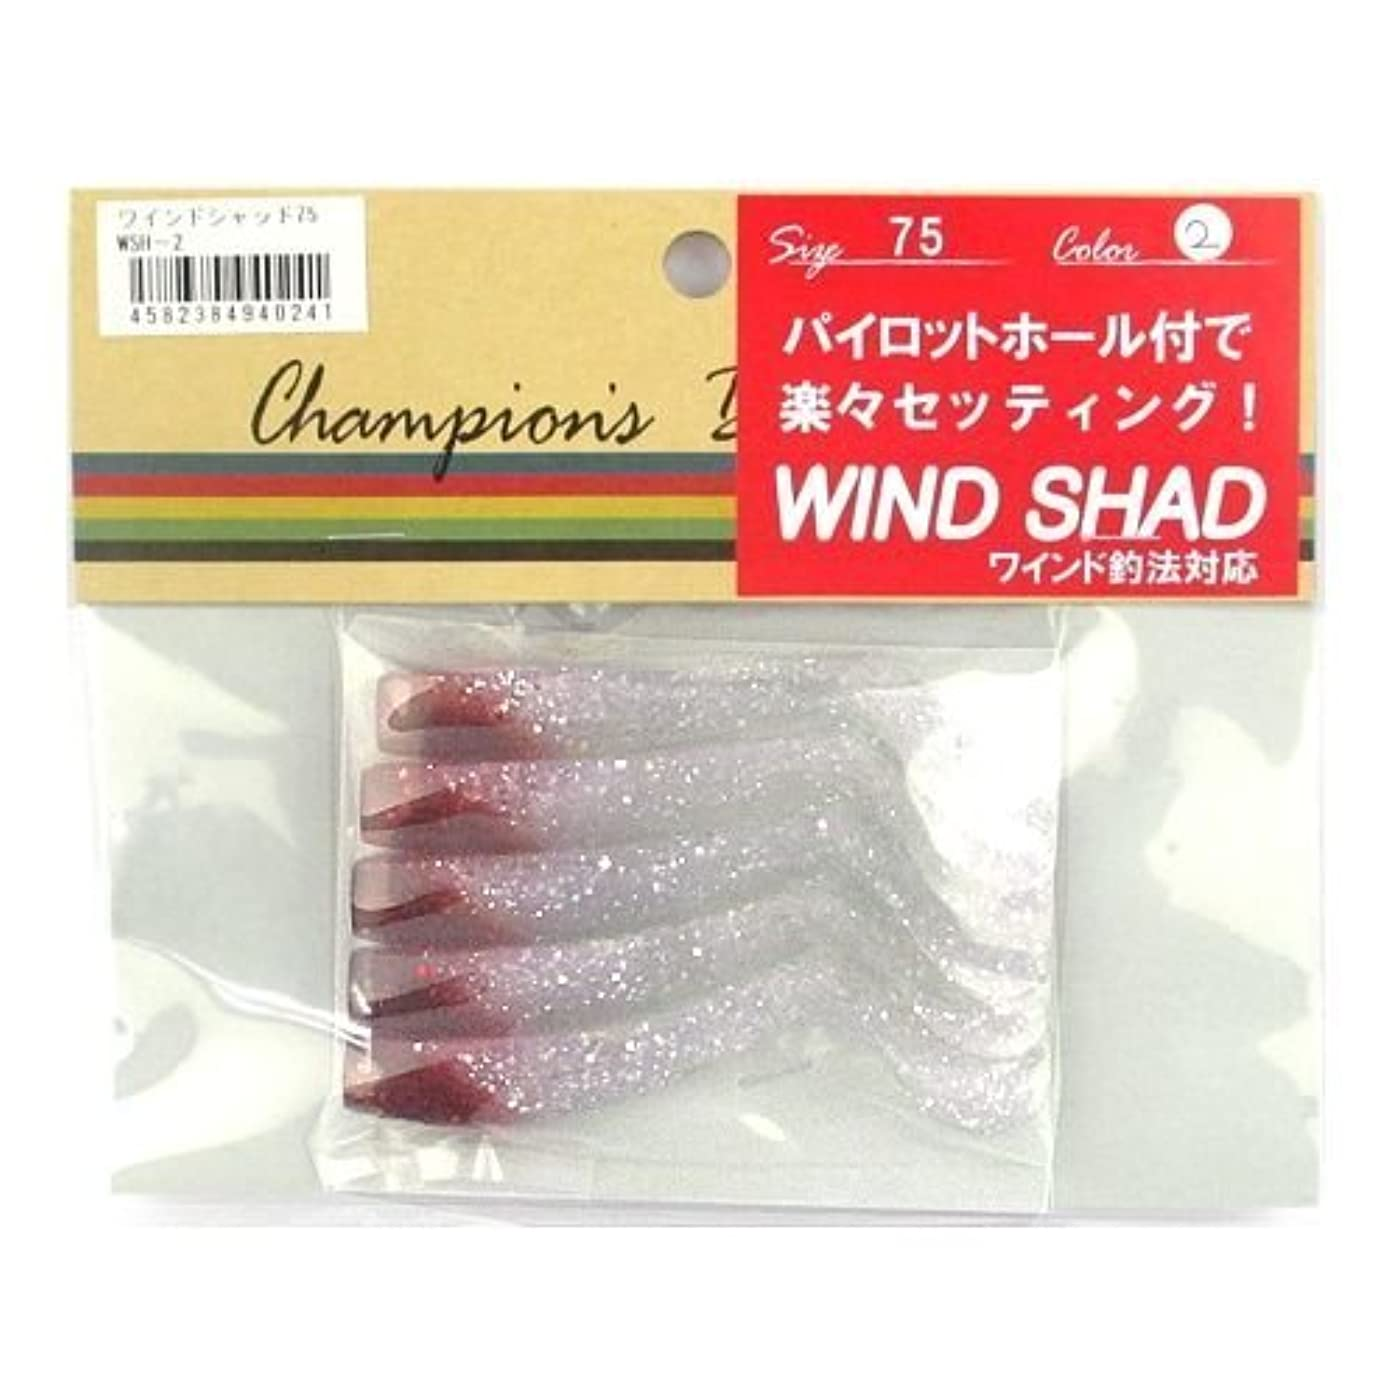 しないでください賢明な傾向がありますオンスタックルデザイン ワインドシャッド 75 02 スパークルレッドヘッド